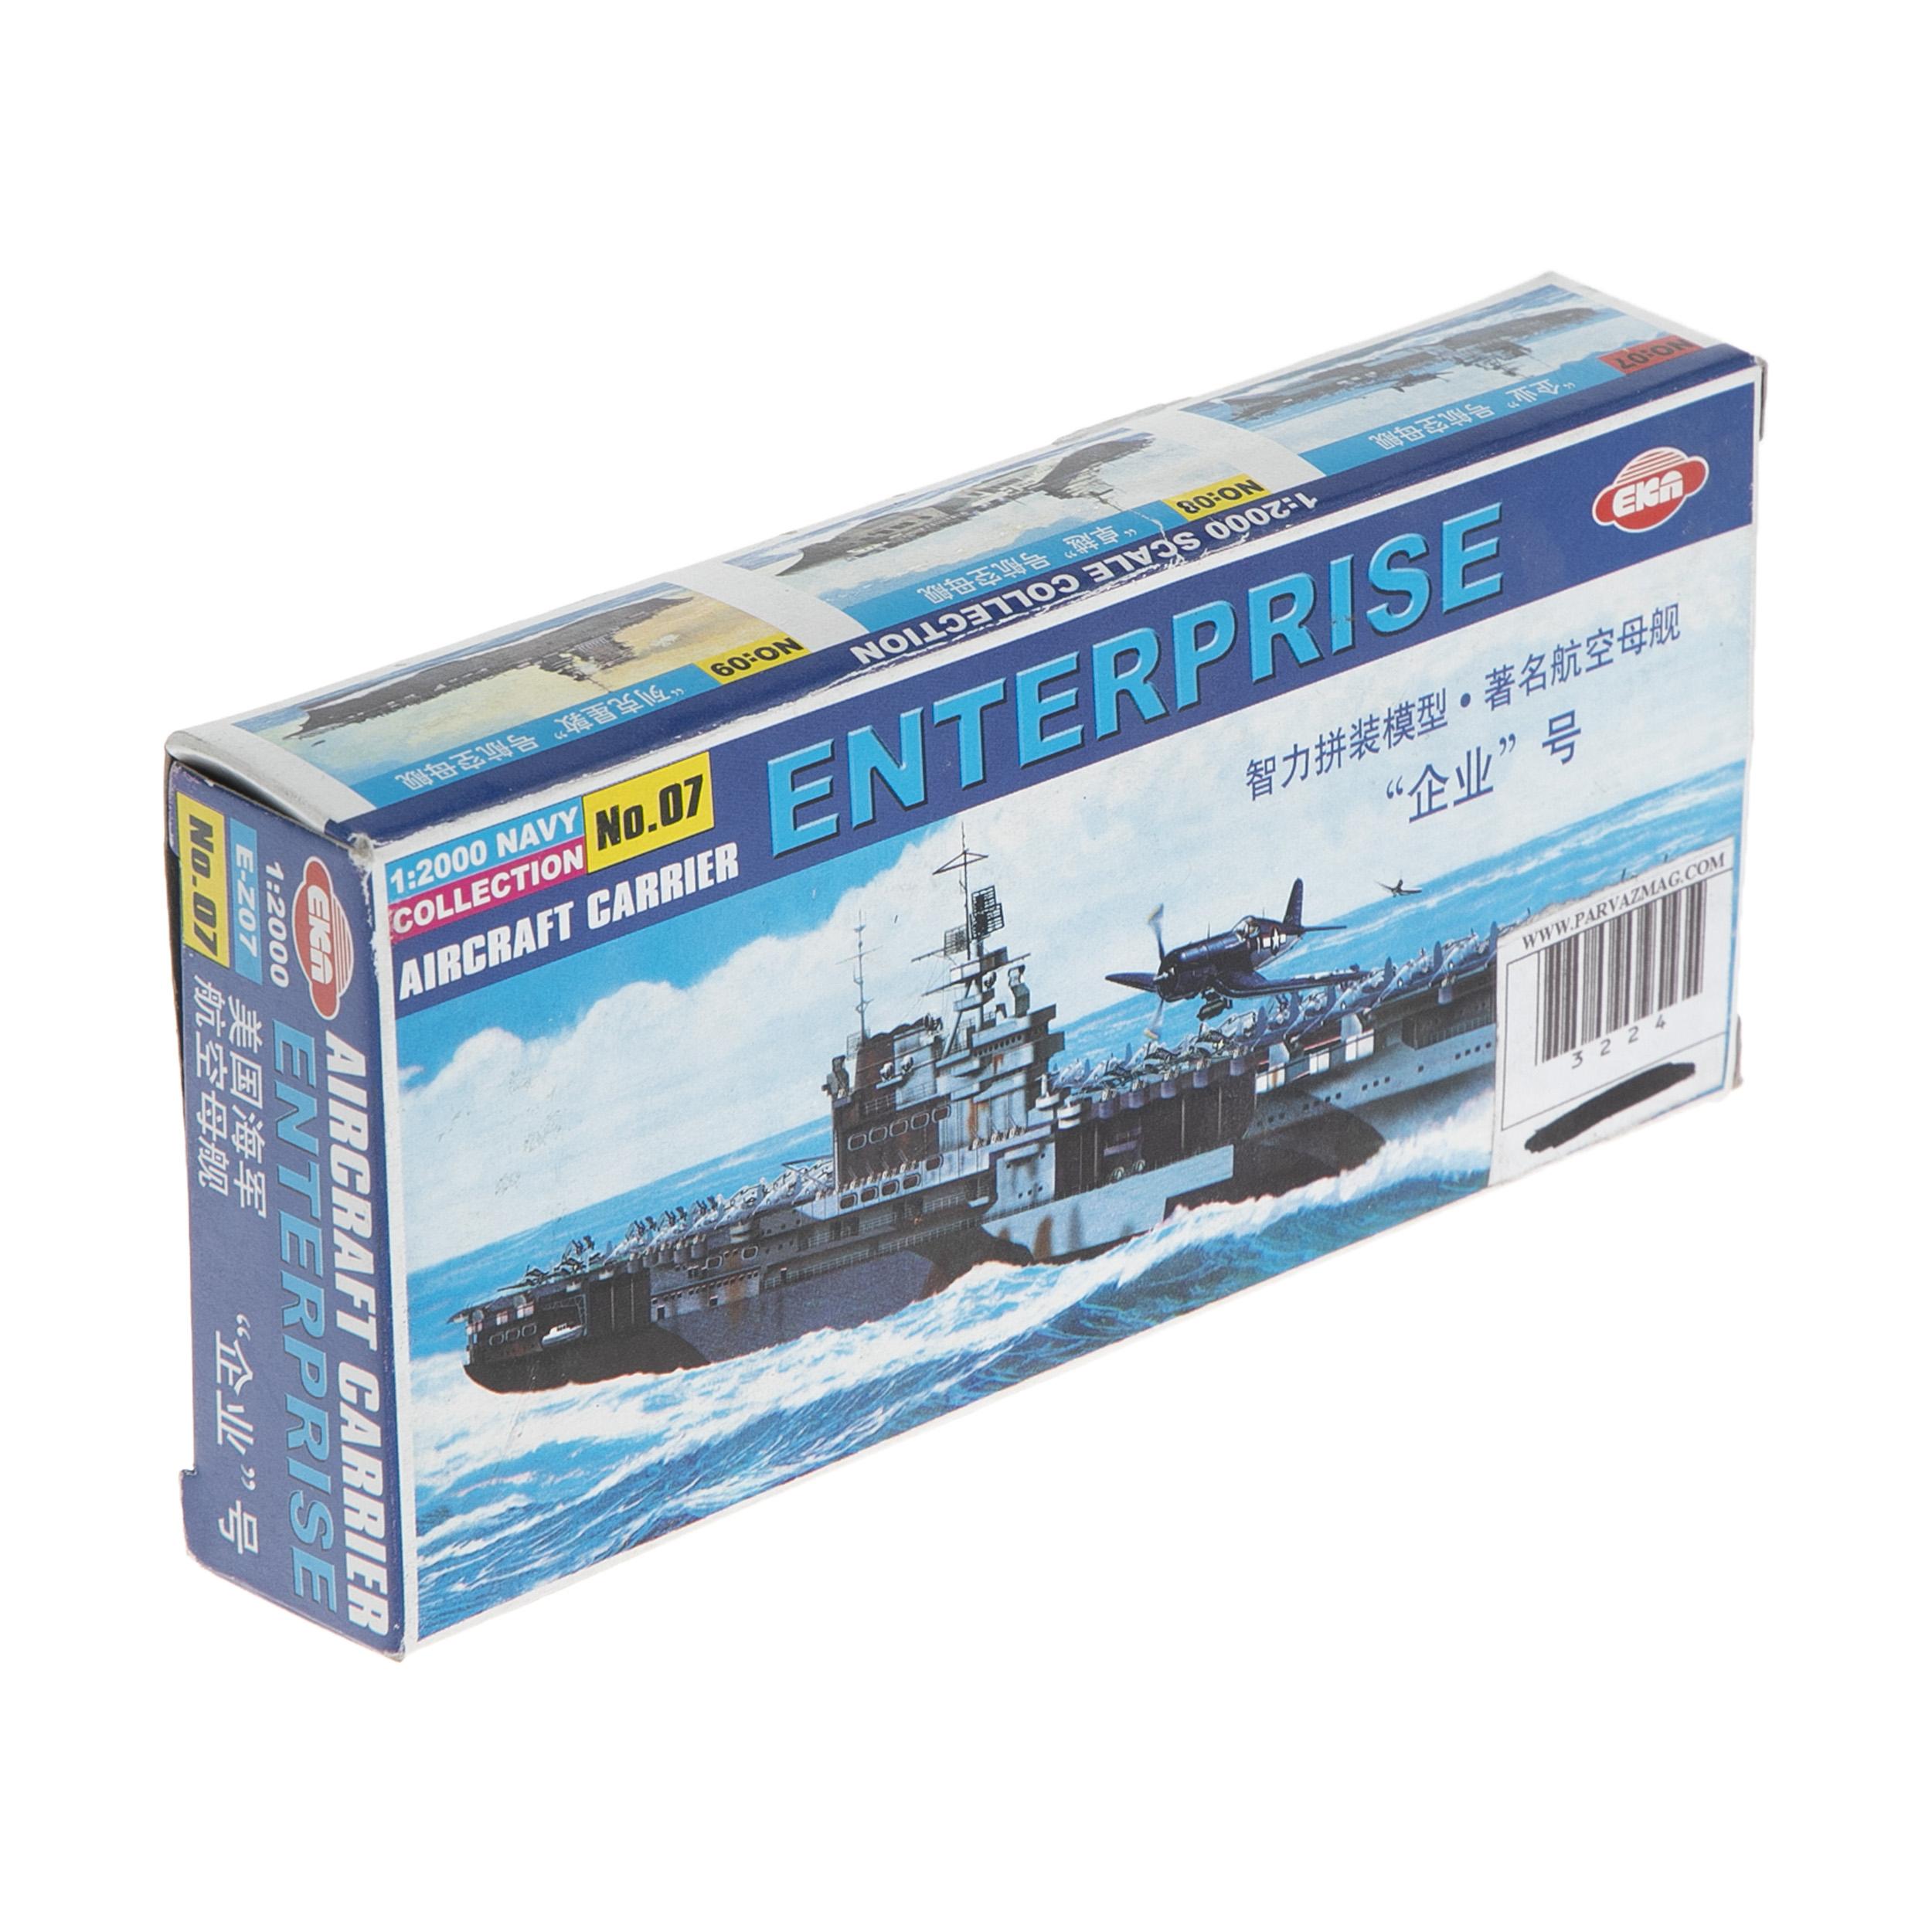 ساختنی اینترپرایس مدل کشتی کد 3224